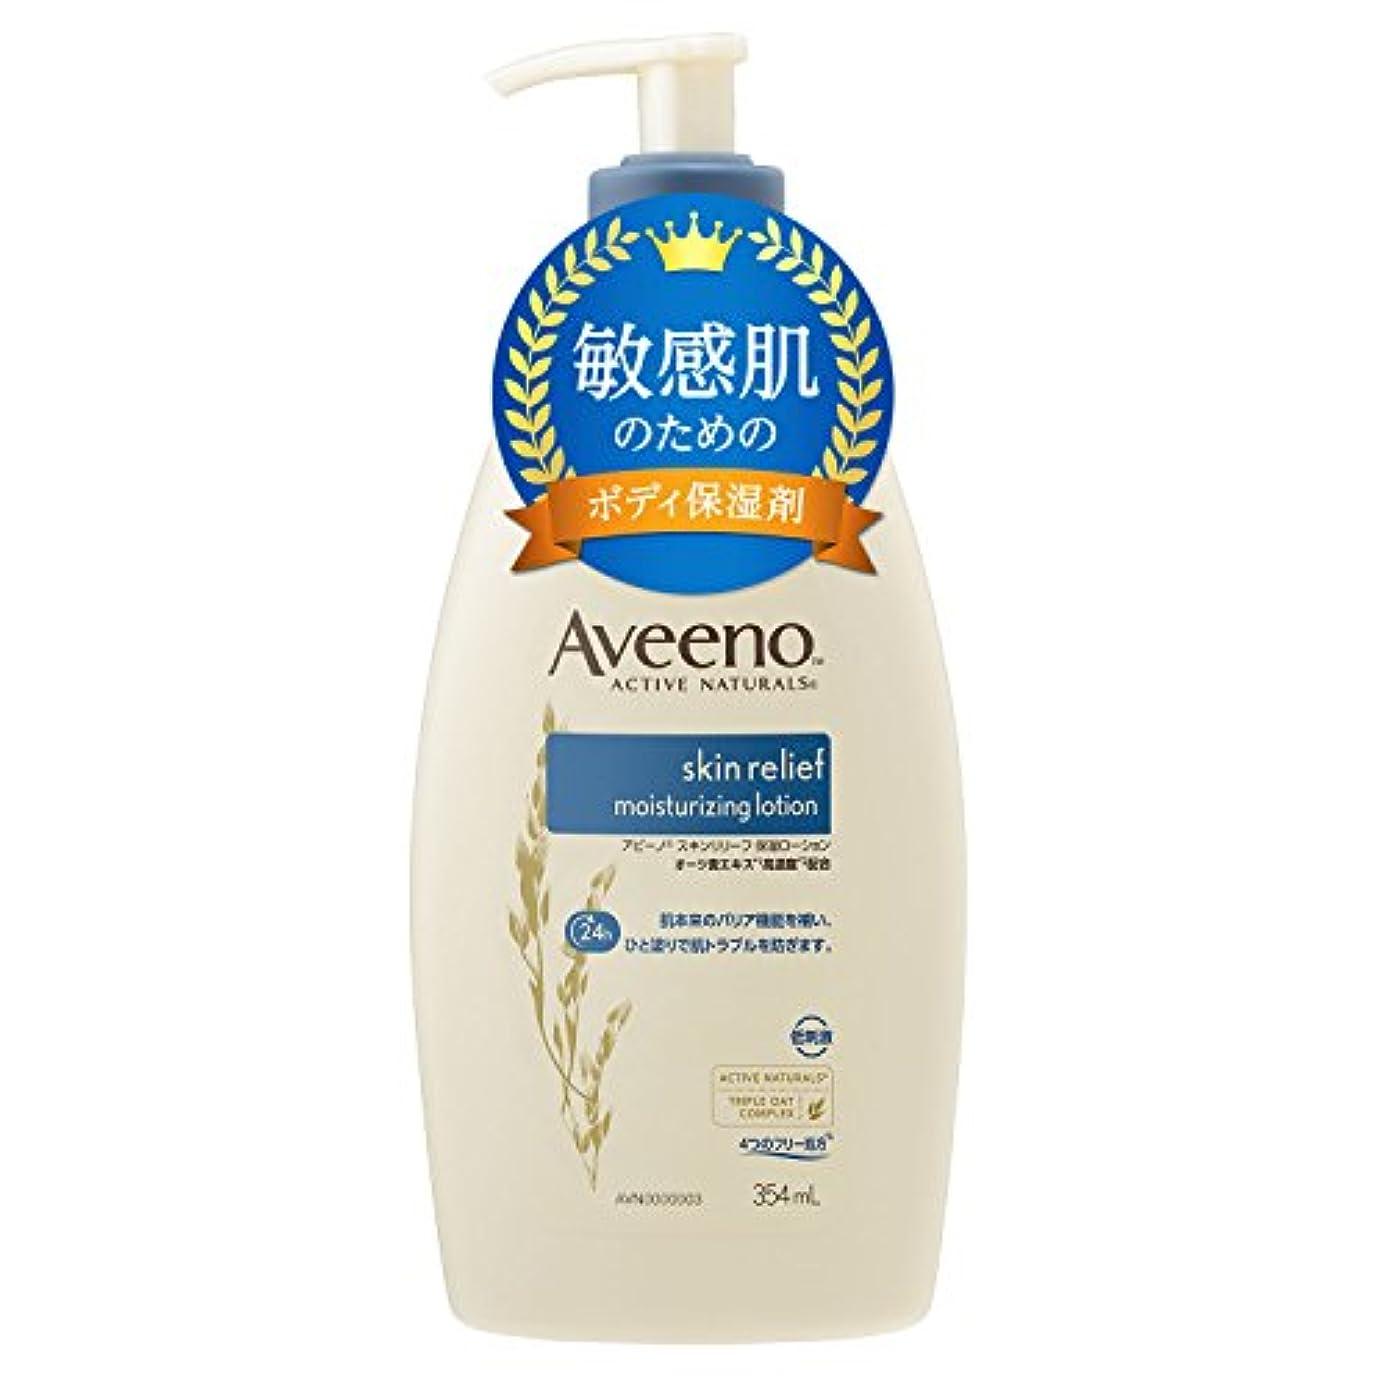 常習者増幅する状【Amazon.co.jp限定】Aveeno(アビーノ) スキンリリーフ 保湿ローション 354ml 【極度の乾燥肌、敏感肌の方向け】